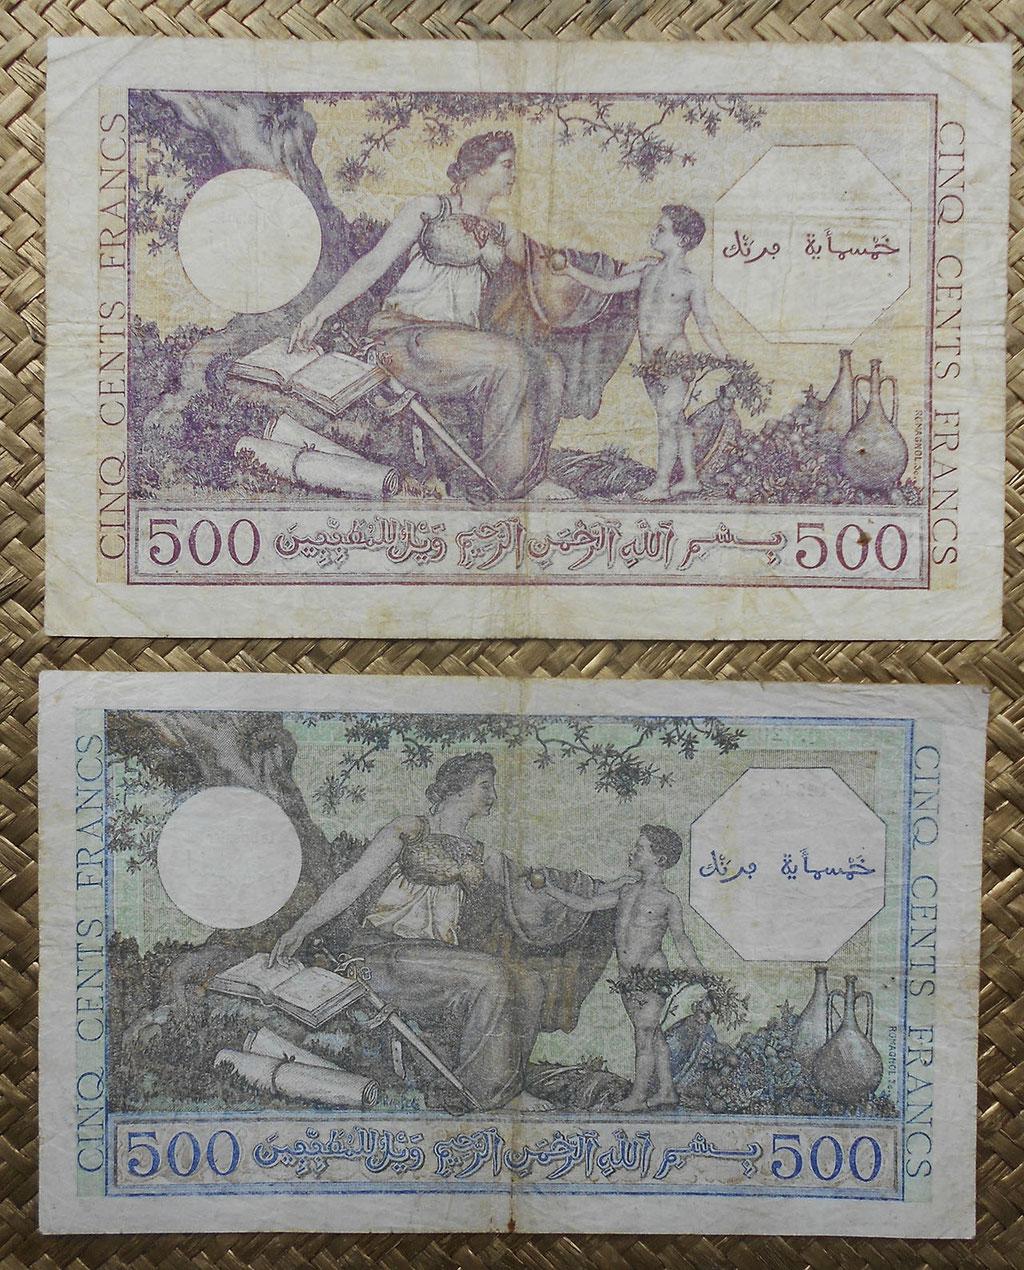 Argelia colonial 500 francos 1944 vs. 1943 -Alegorias reversos